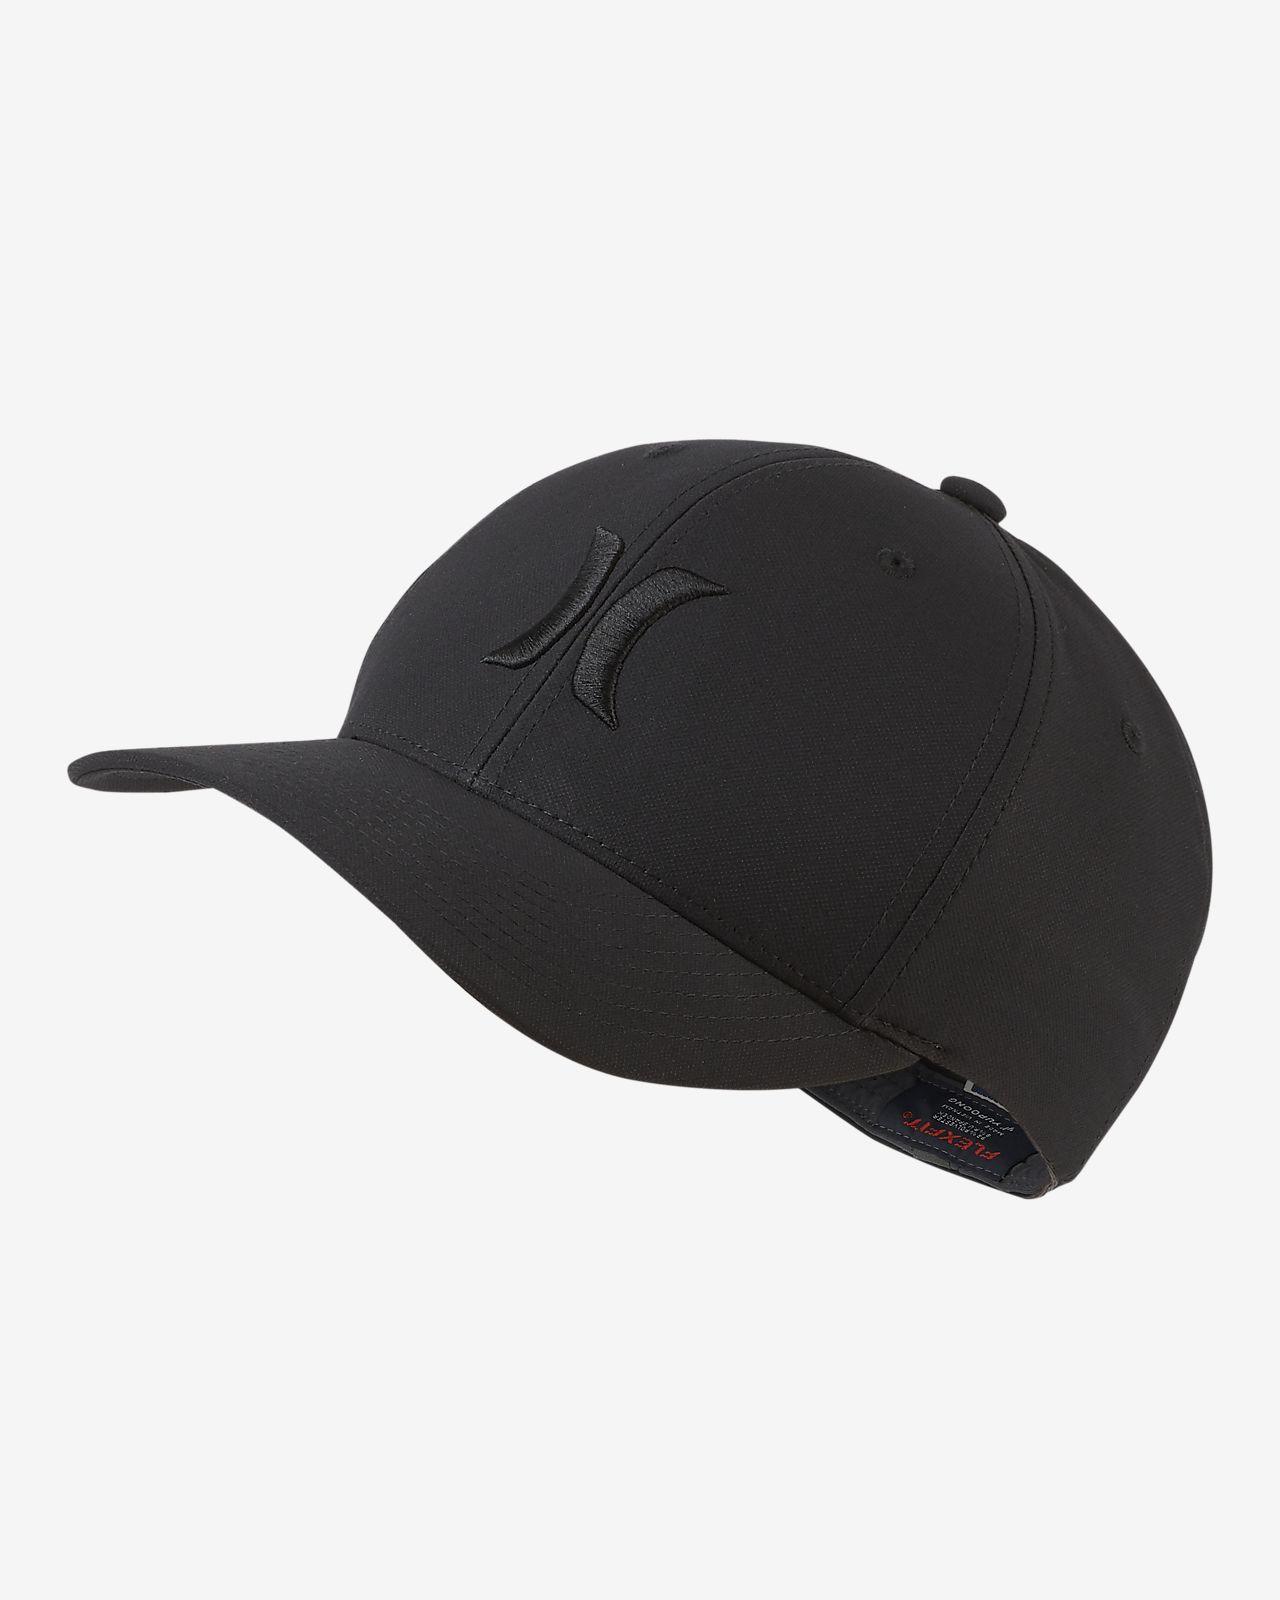 6a76e2a2d7736 Hurley Dri-FIT Cutback Men s Hat. Nike.com